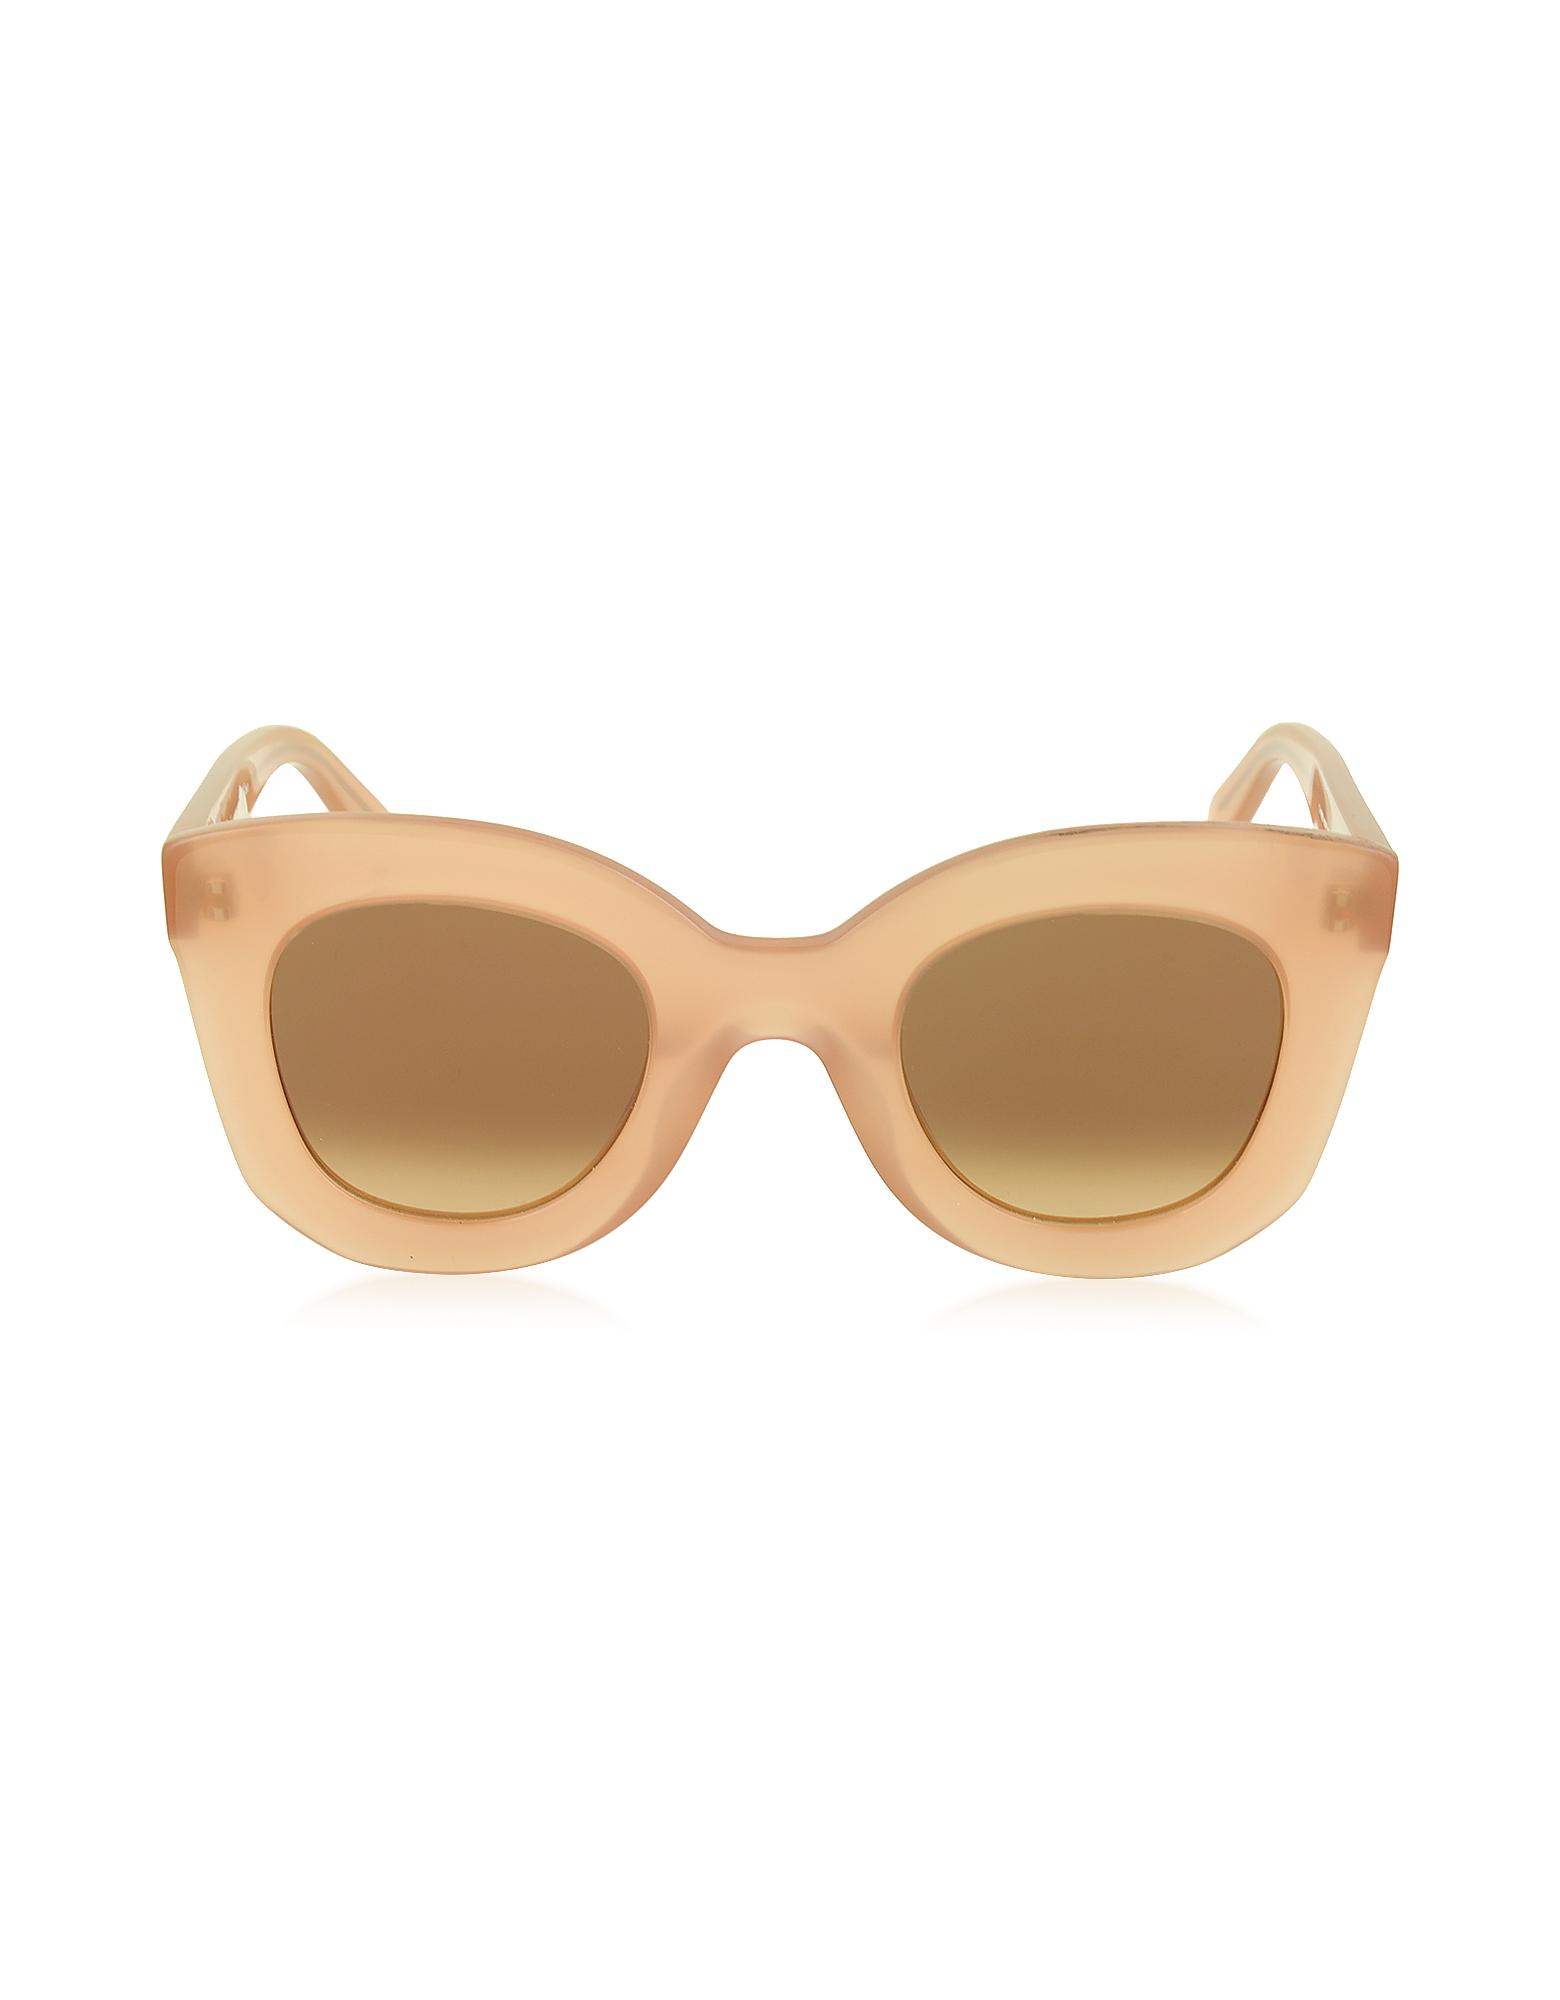 3619e268c95 Céline Marta Cl 41093 s Acetate Cat Eye Women s Sunglasses in Pink ...